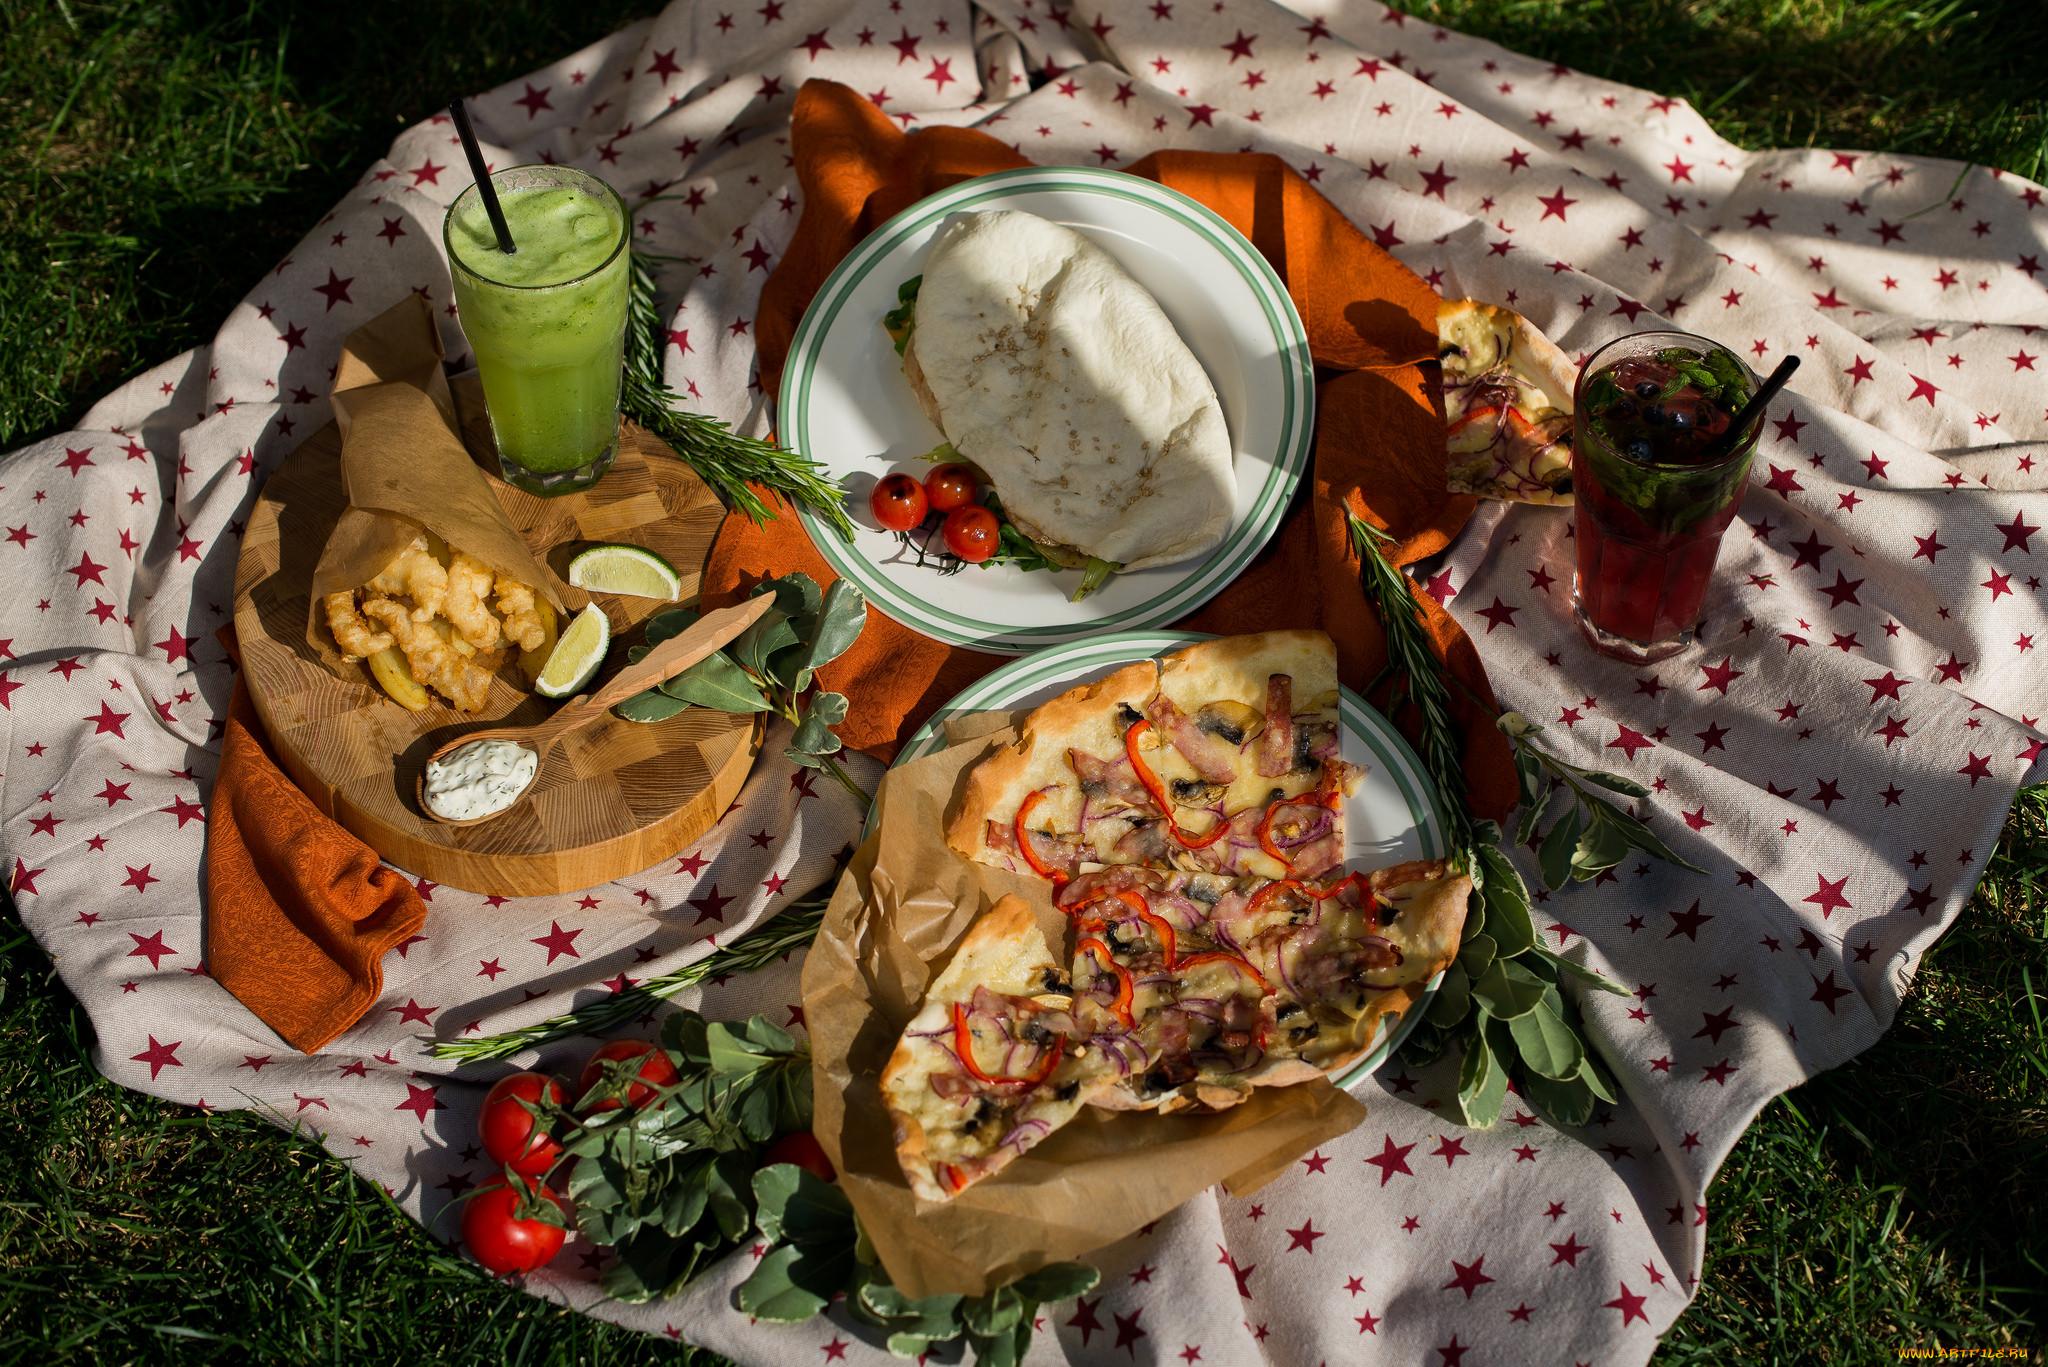 еда для пикника на природе фото растения продолговатые, красного